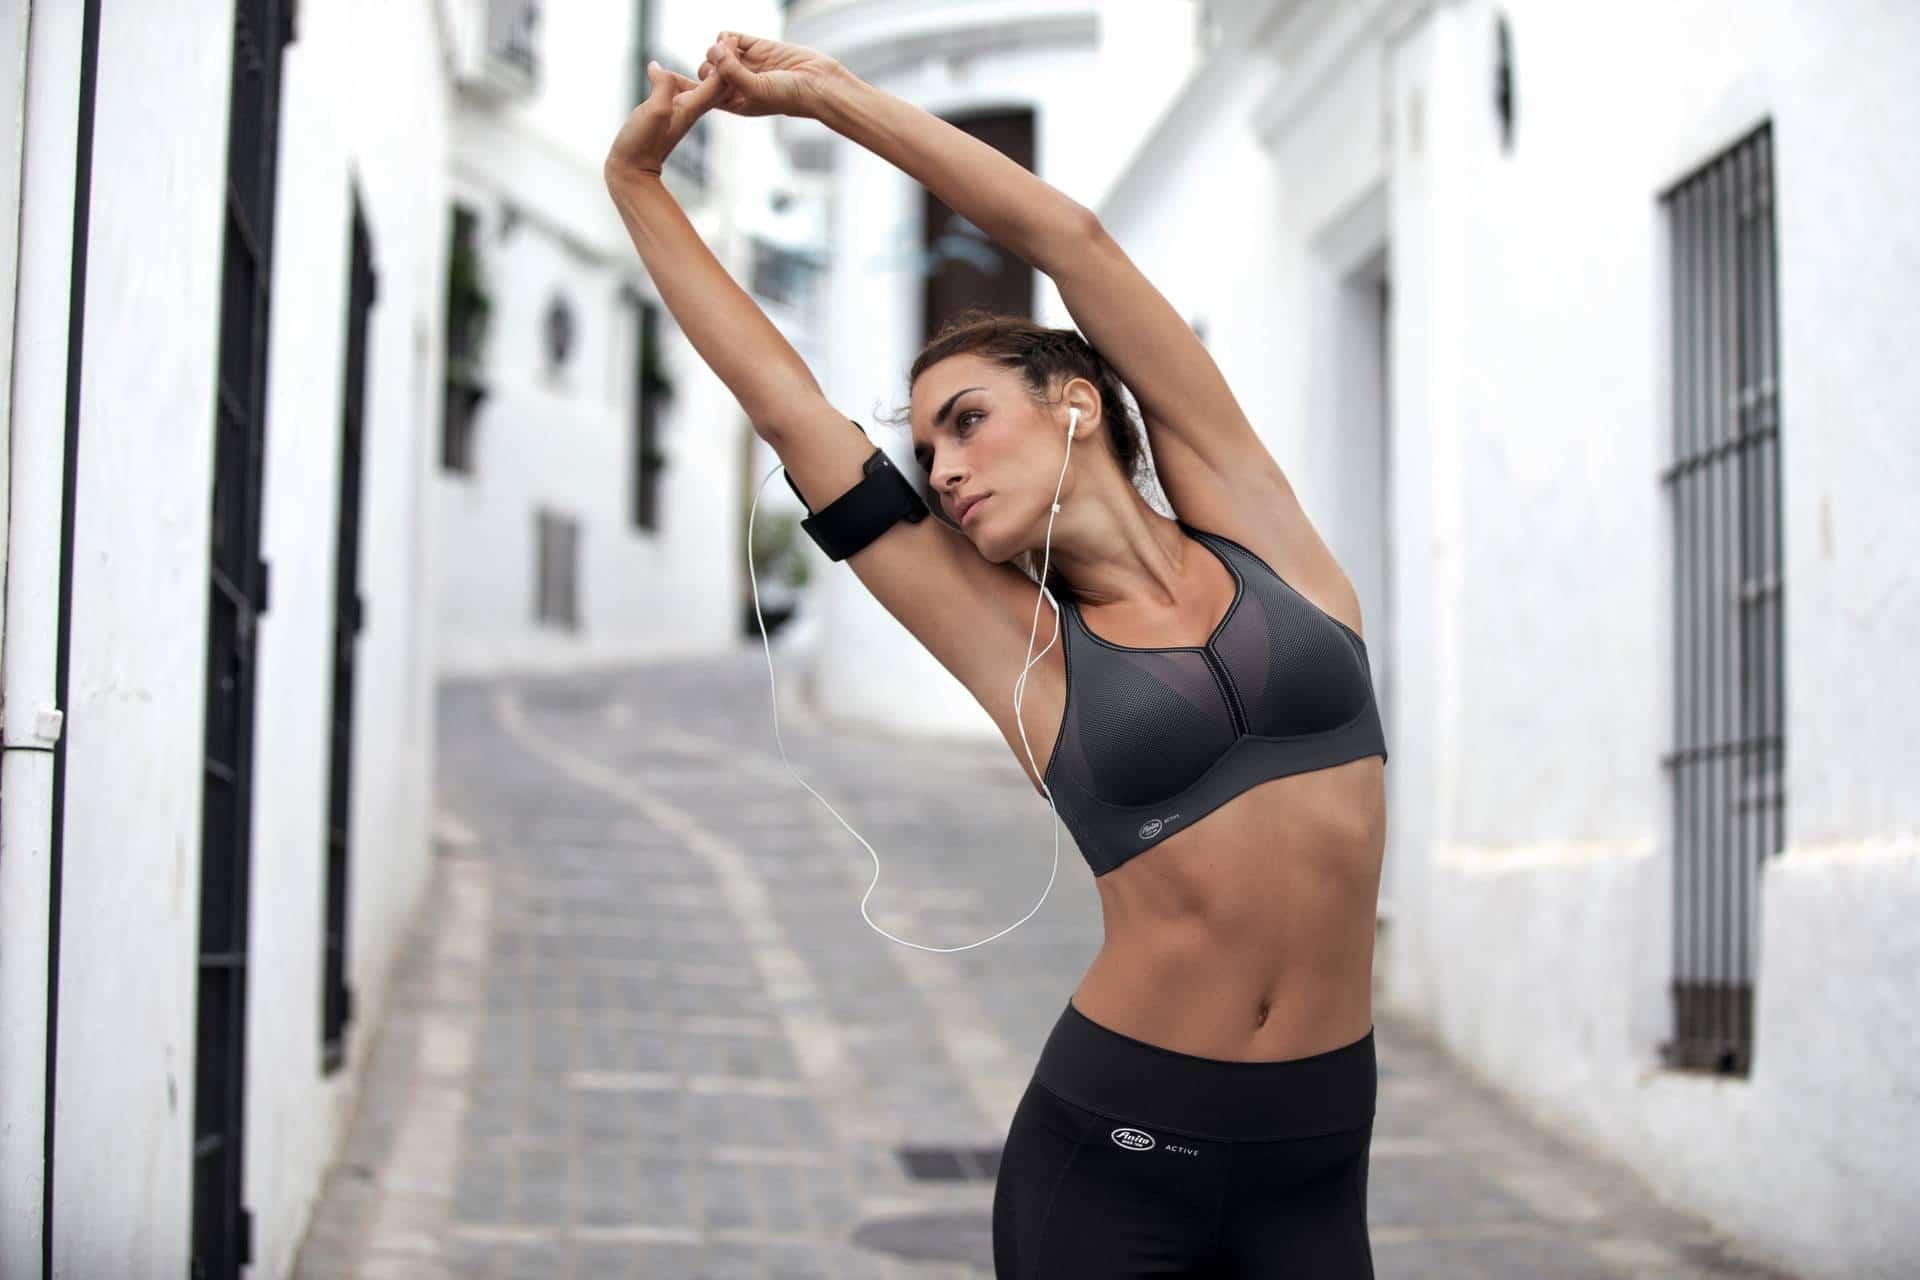 sportbeha - sports bra